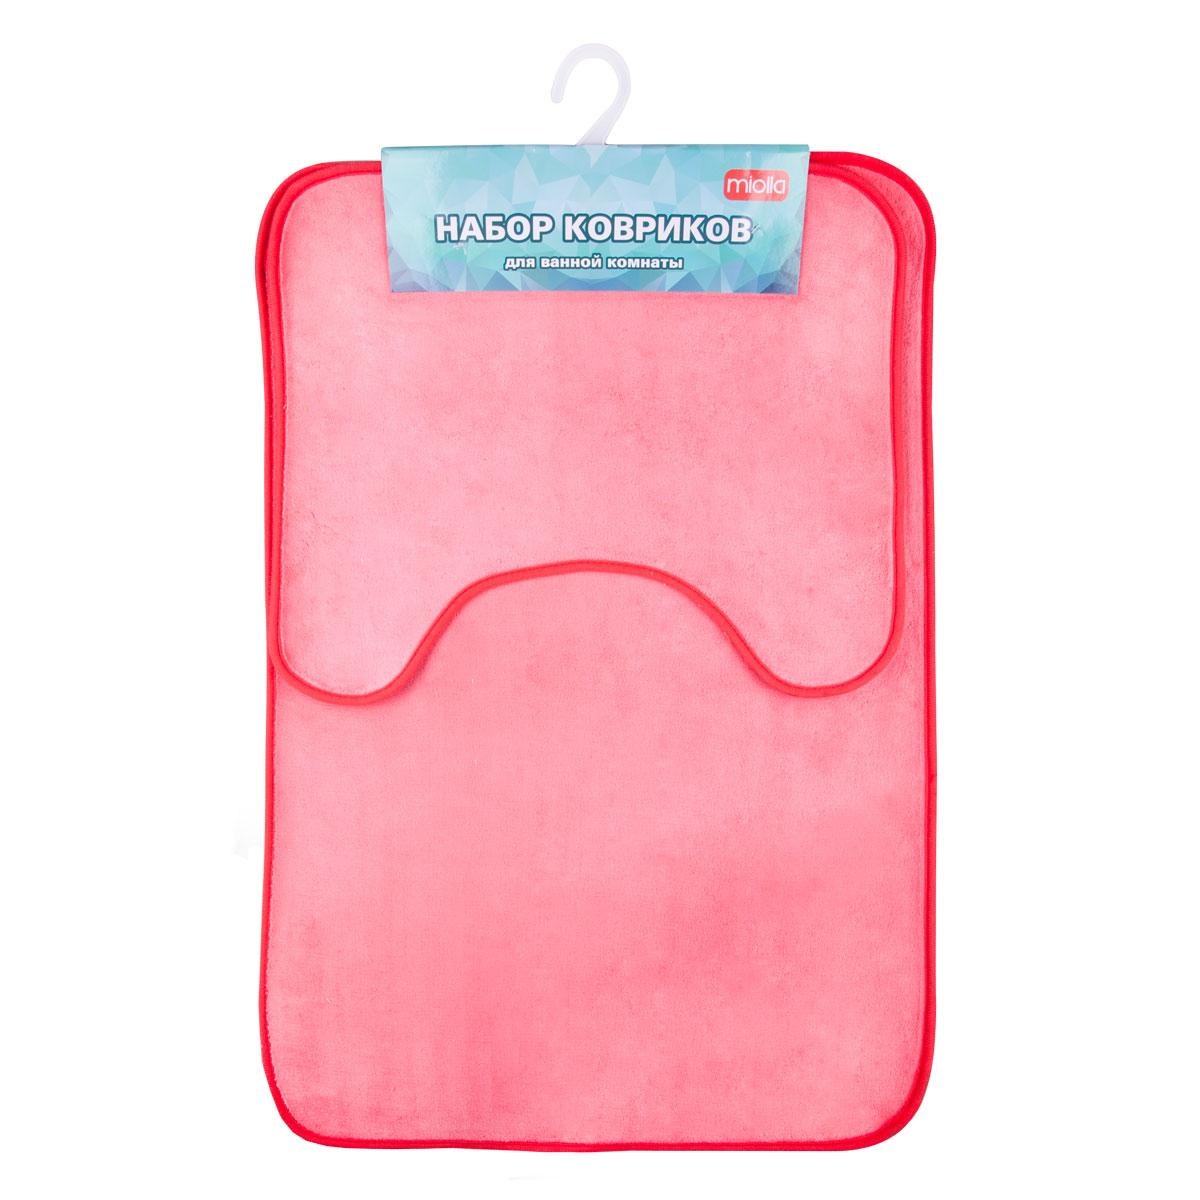 Набор ковриков для ванной Miolla, цвет: фуксия, 2 штUP210DFНабор Miolla состоит из двух ковриков для ванной комнаты: прямоугольного и с вырезом. Изделия изготовлены из 100% полиэстера. Благодаря специальной обработки нижней стороны, коврики не скользят на плитке. Яркий дизайн позволит оформить ванную комнату по вашему вкусу .Размер ковриков: 75 см х 48 см; 45 см х 40 см.Высота ворса: 0,6 см.